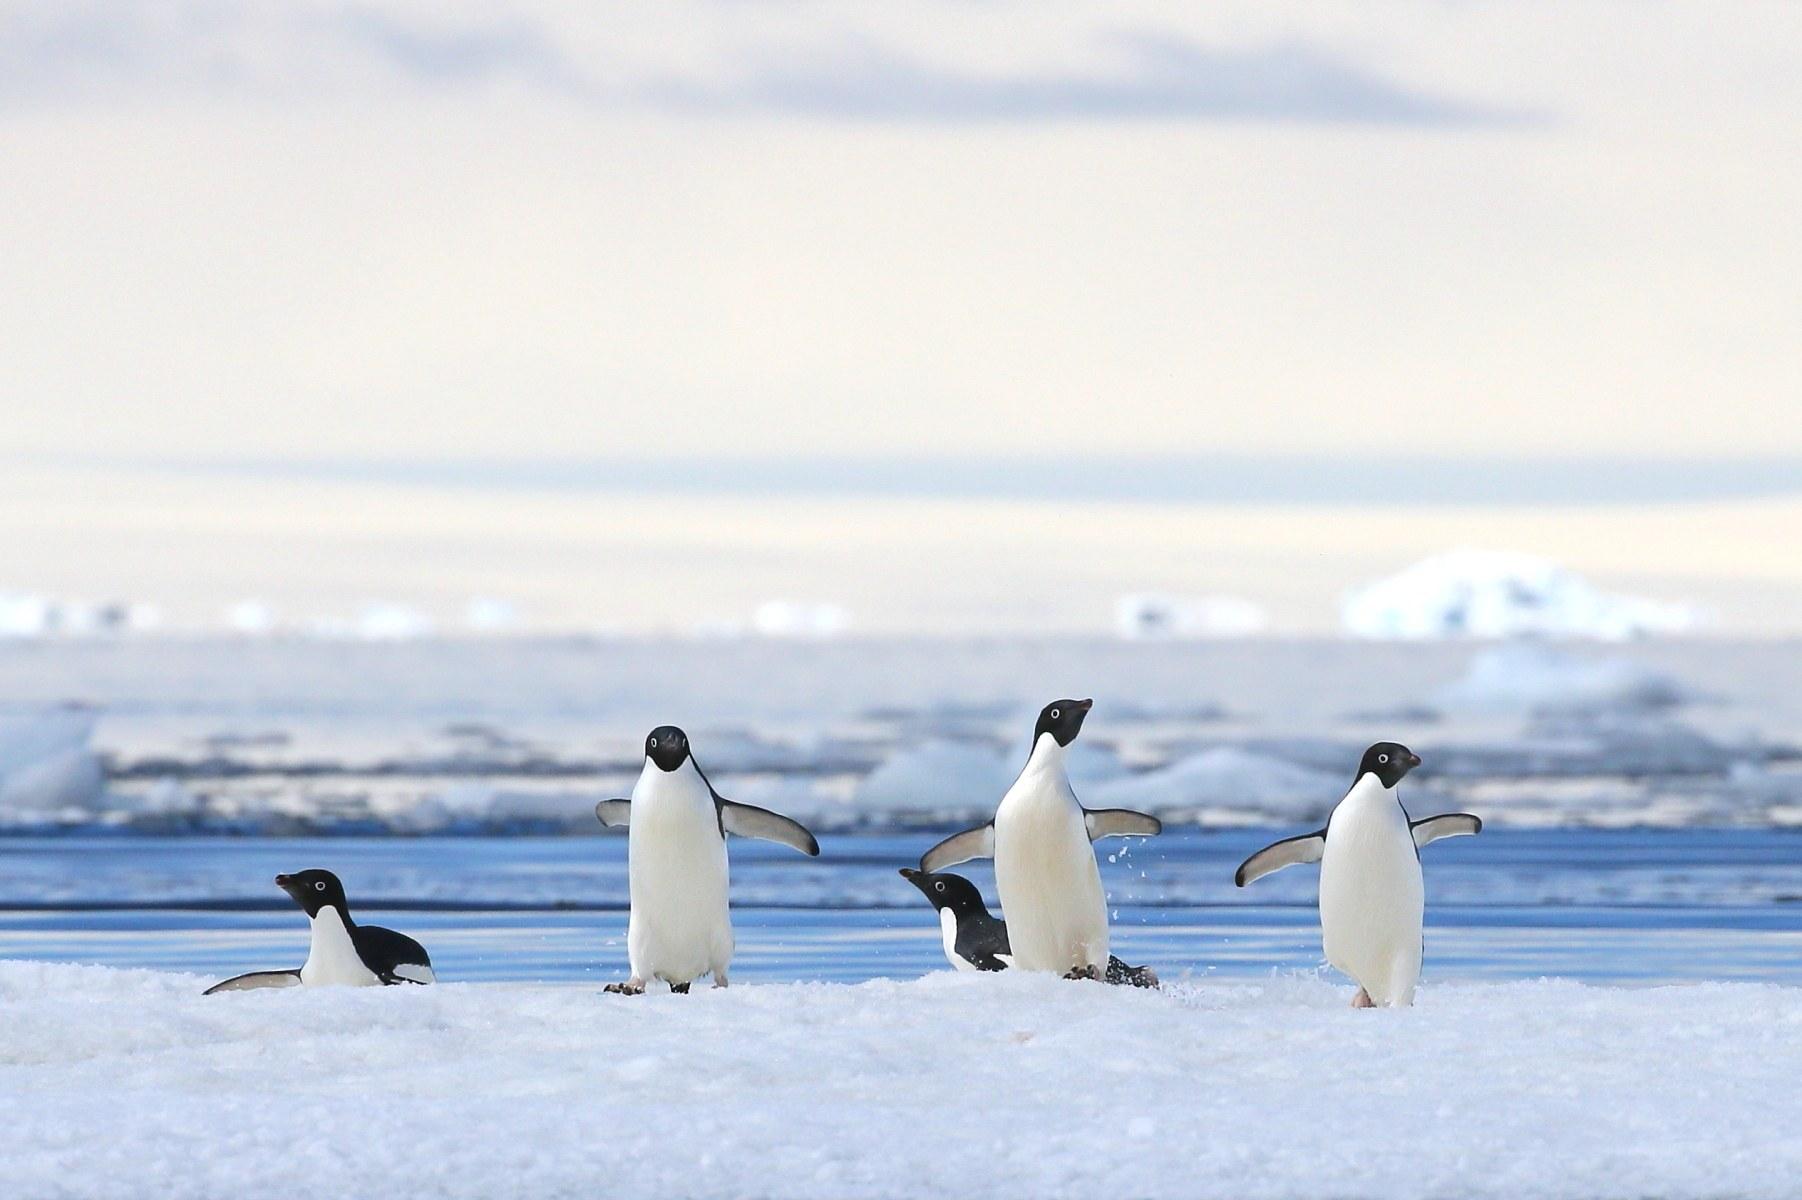 智利+南极+象岛16日12晚跟团游·小型高奢1AS级抗冰探险邮轮Resolute坚韧号 +华人整包船+超长登陆+丰富探险活动